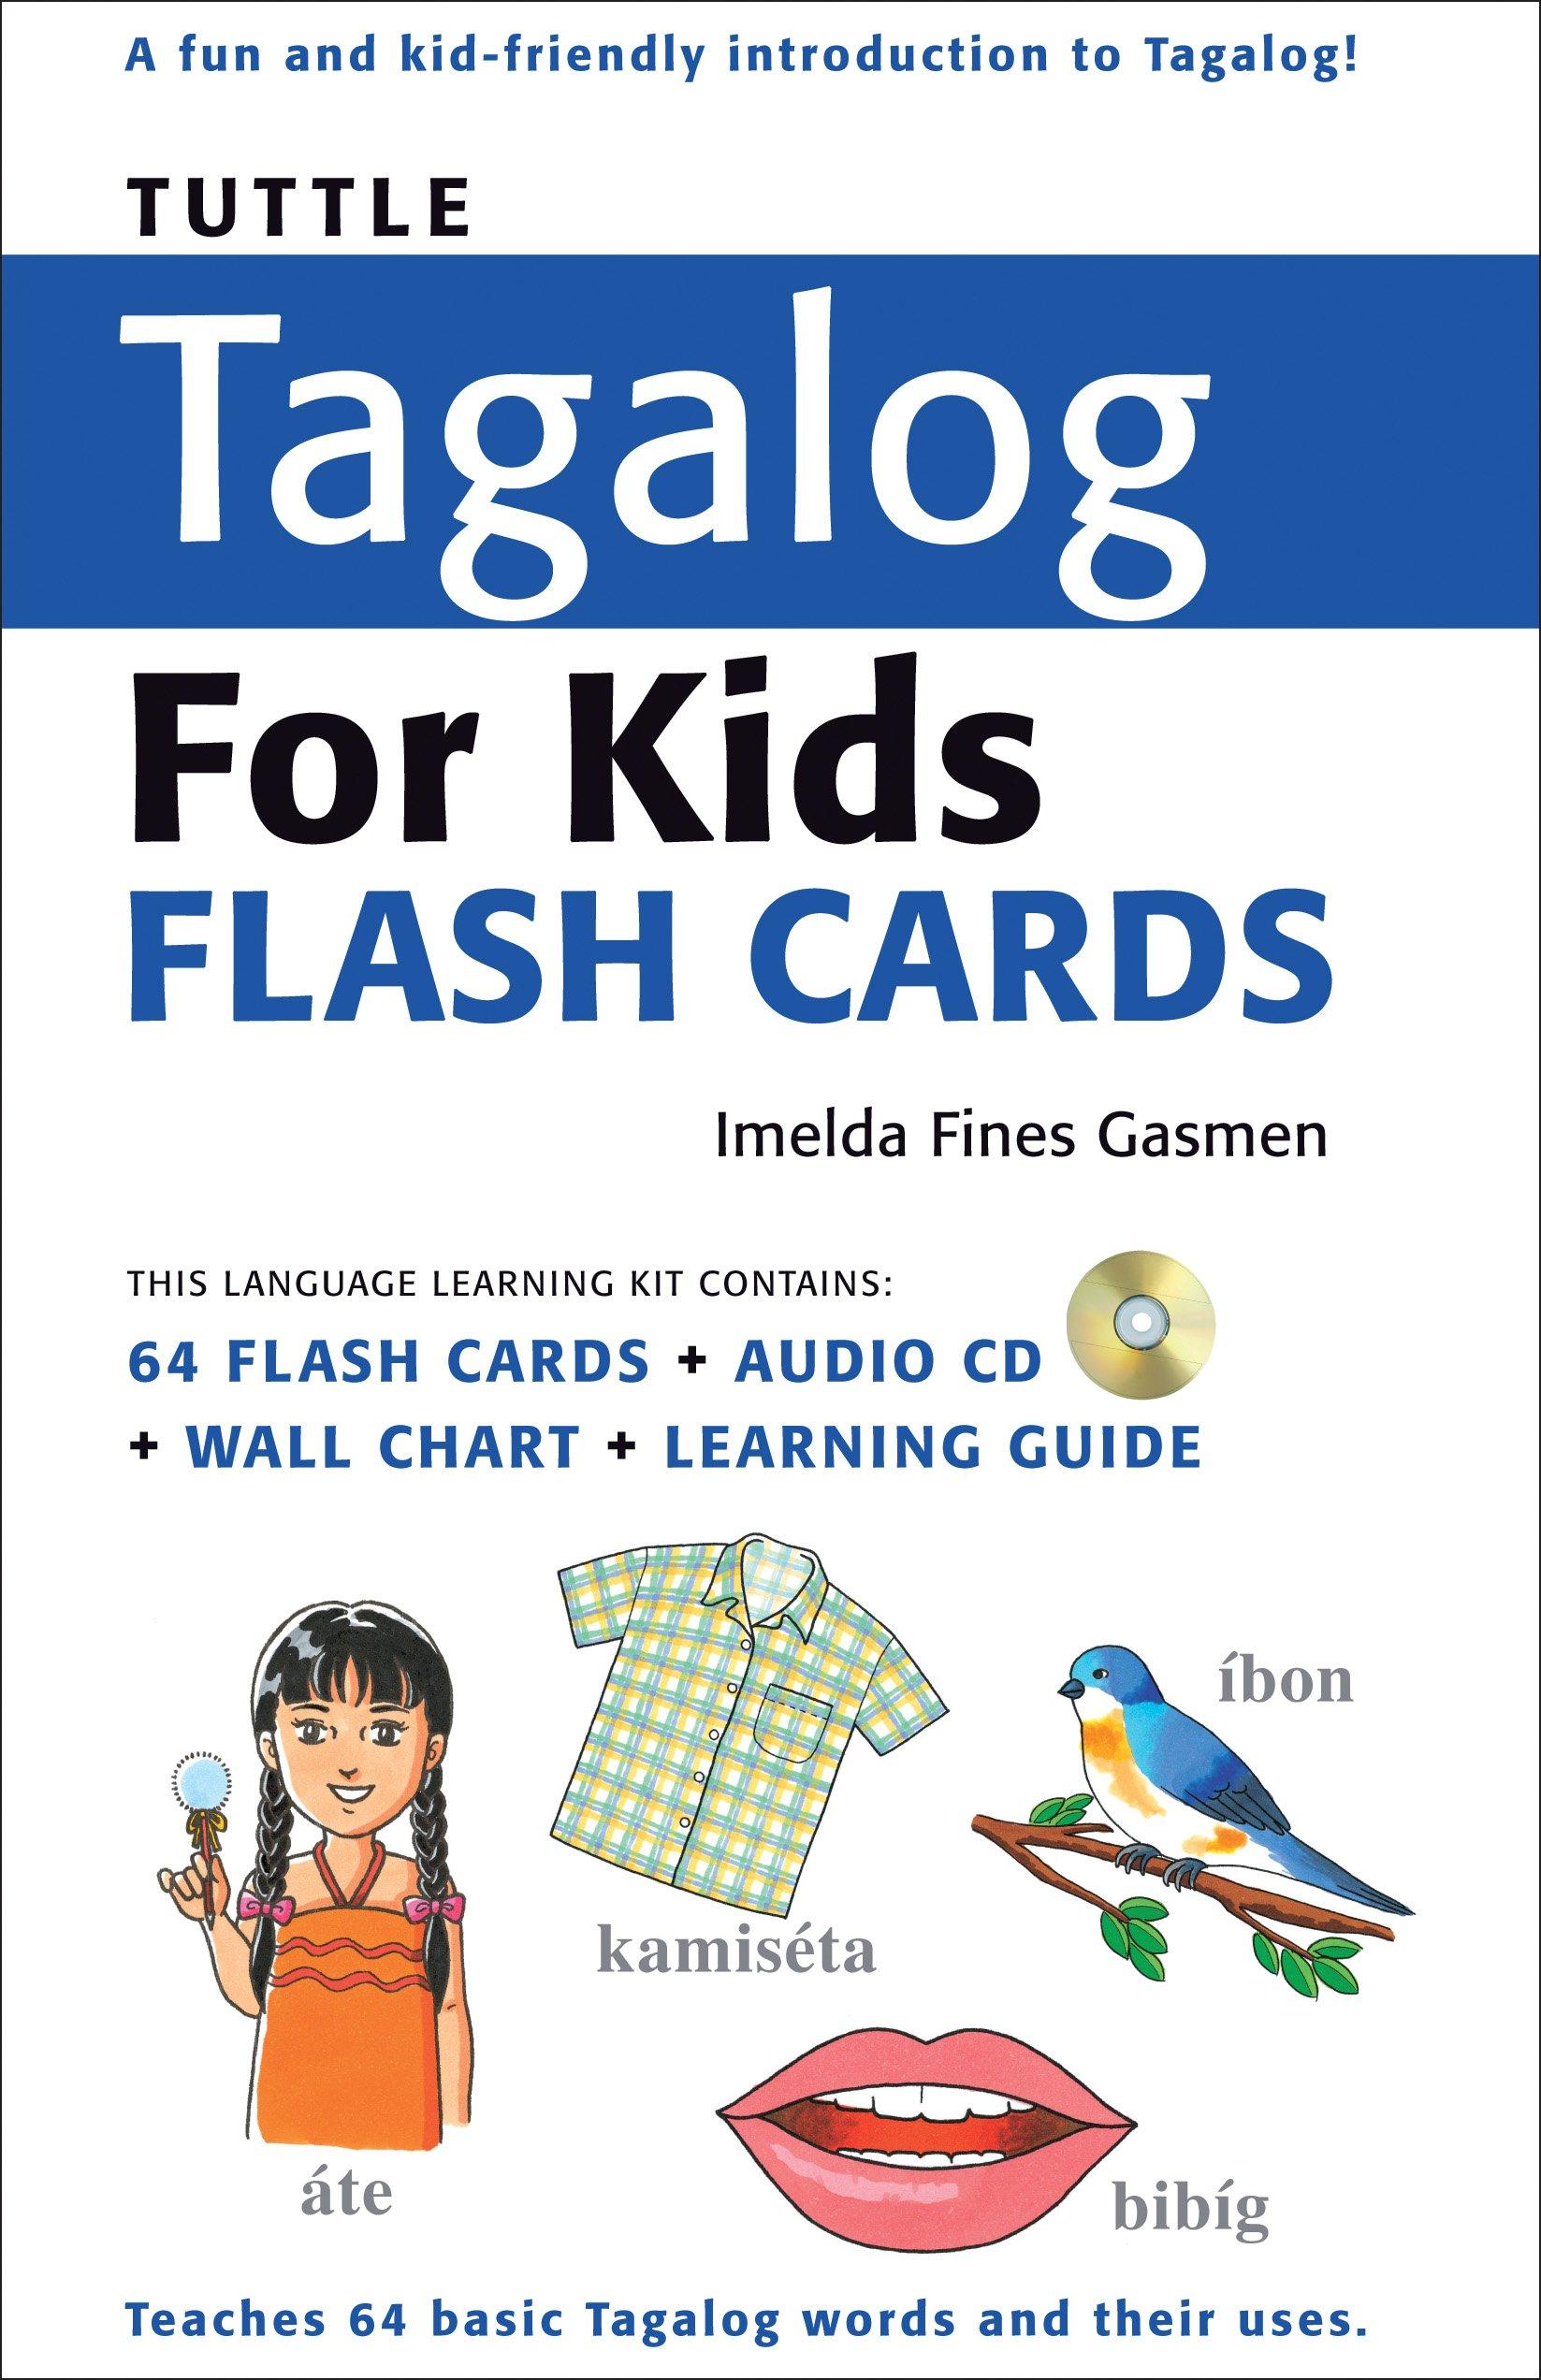 Tuttle tagalog for kids flash cards kit includes 64 flash cards tuttle tagalog for kids flash cards kit includes 64 flash cards audio cd wall chart learning guide tuttle flash cards imelda fines gasmen ccuart Images